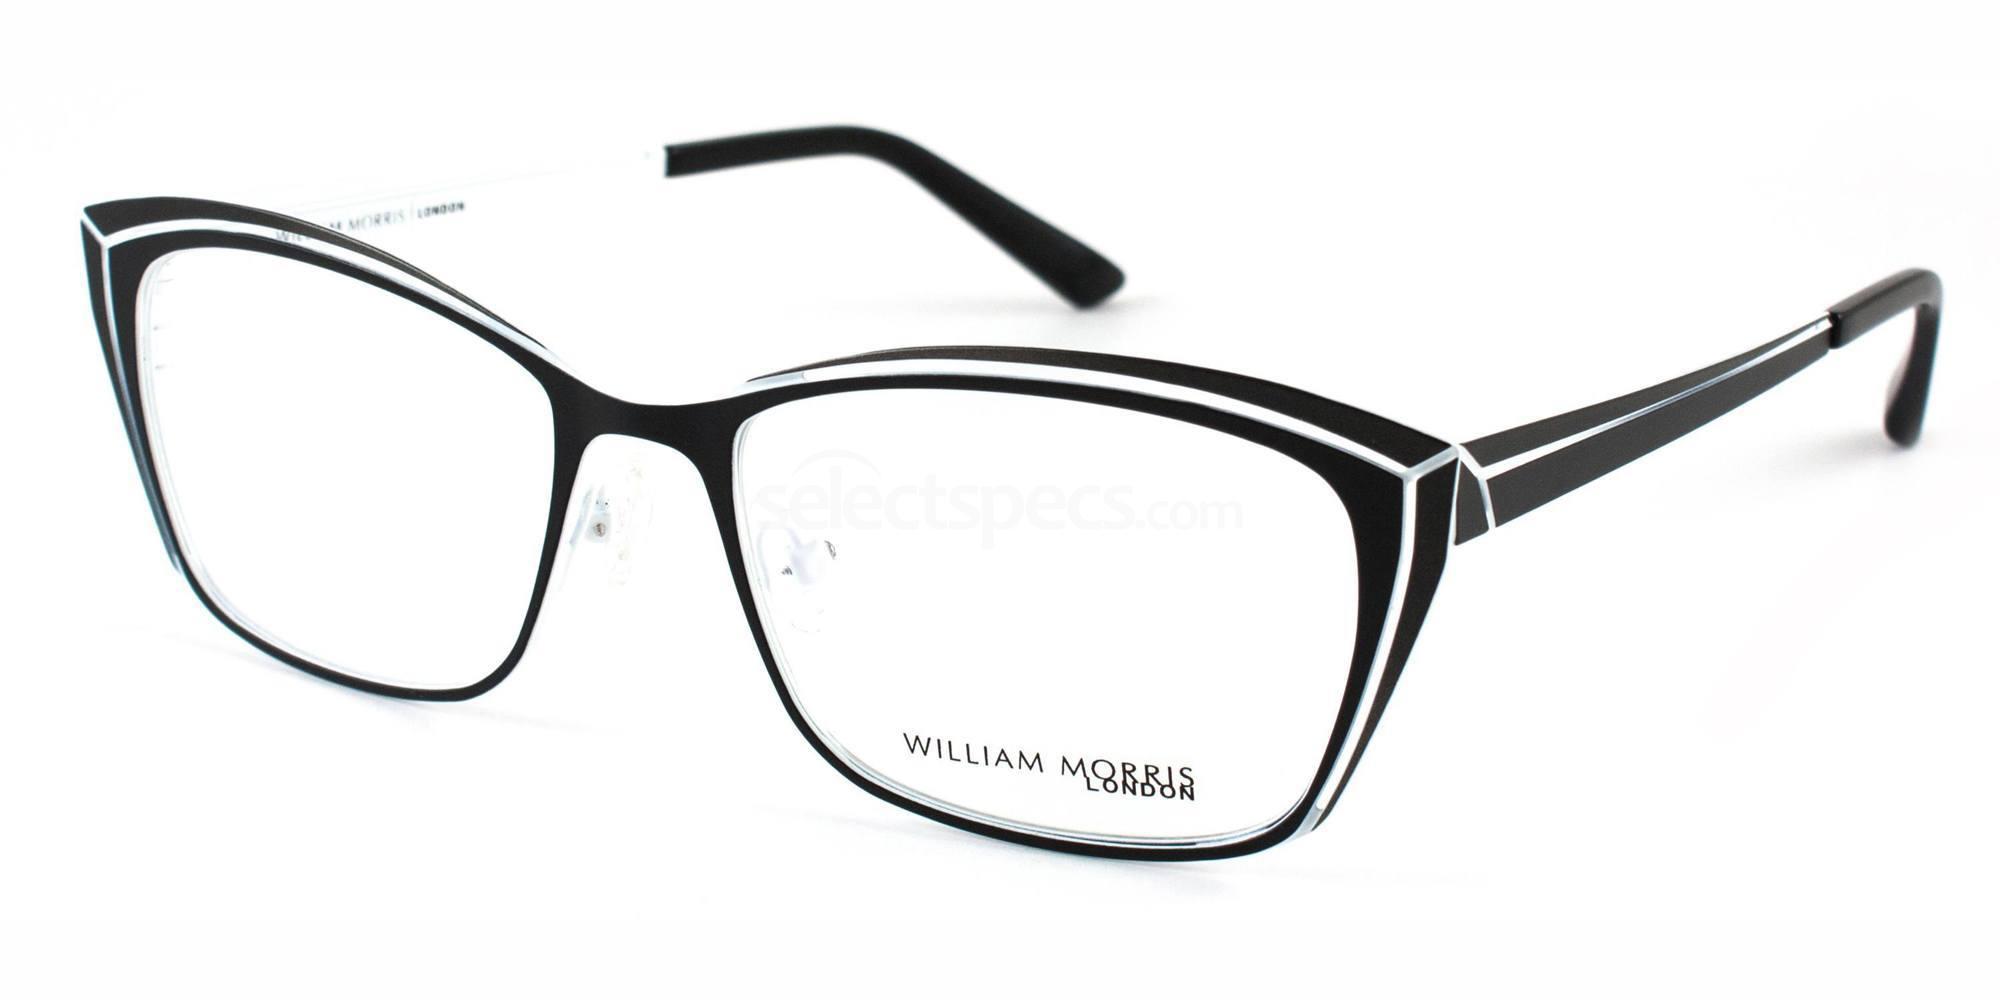 C1 WL4128 Glasses, William Morris London